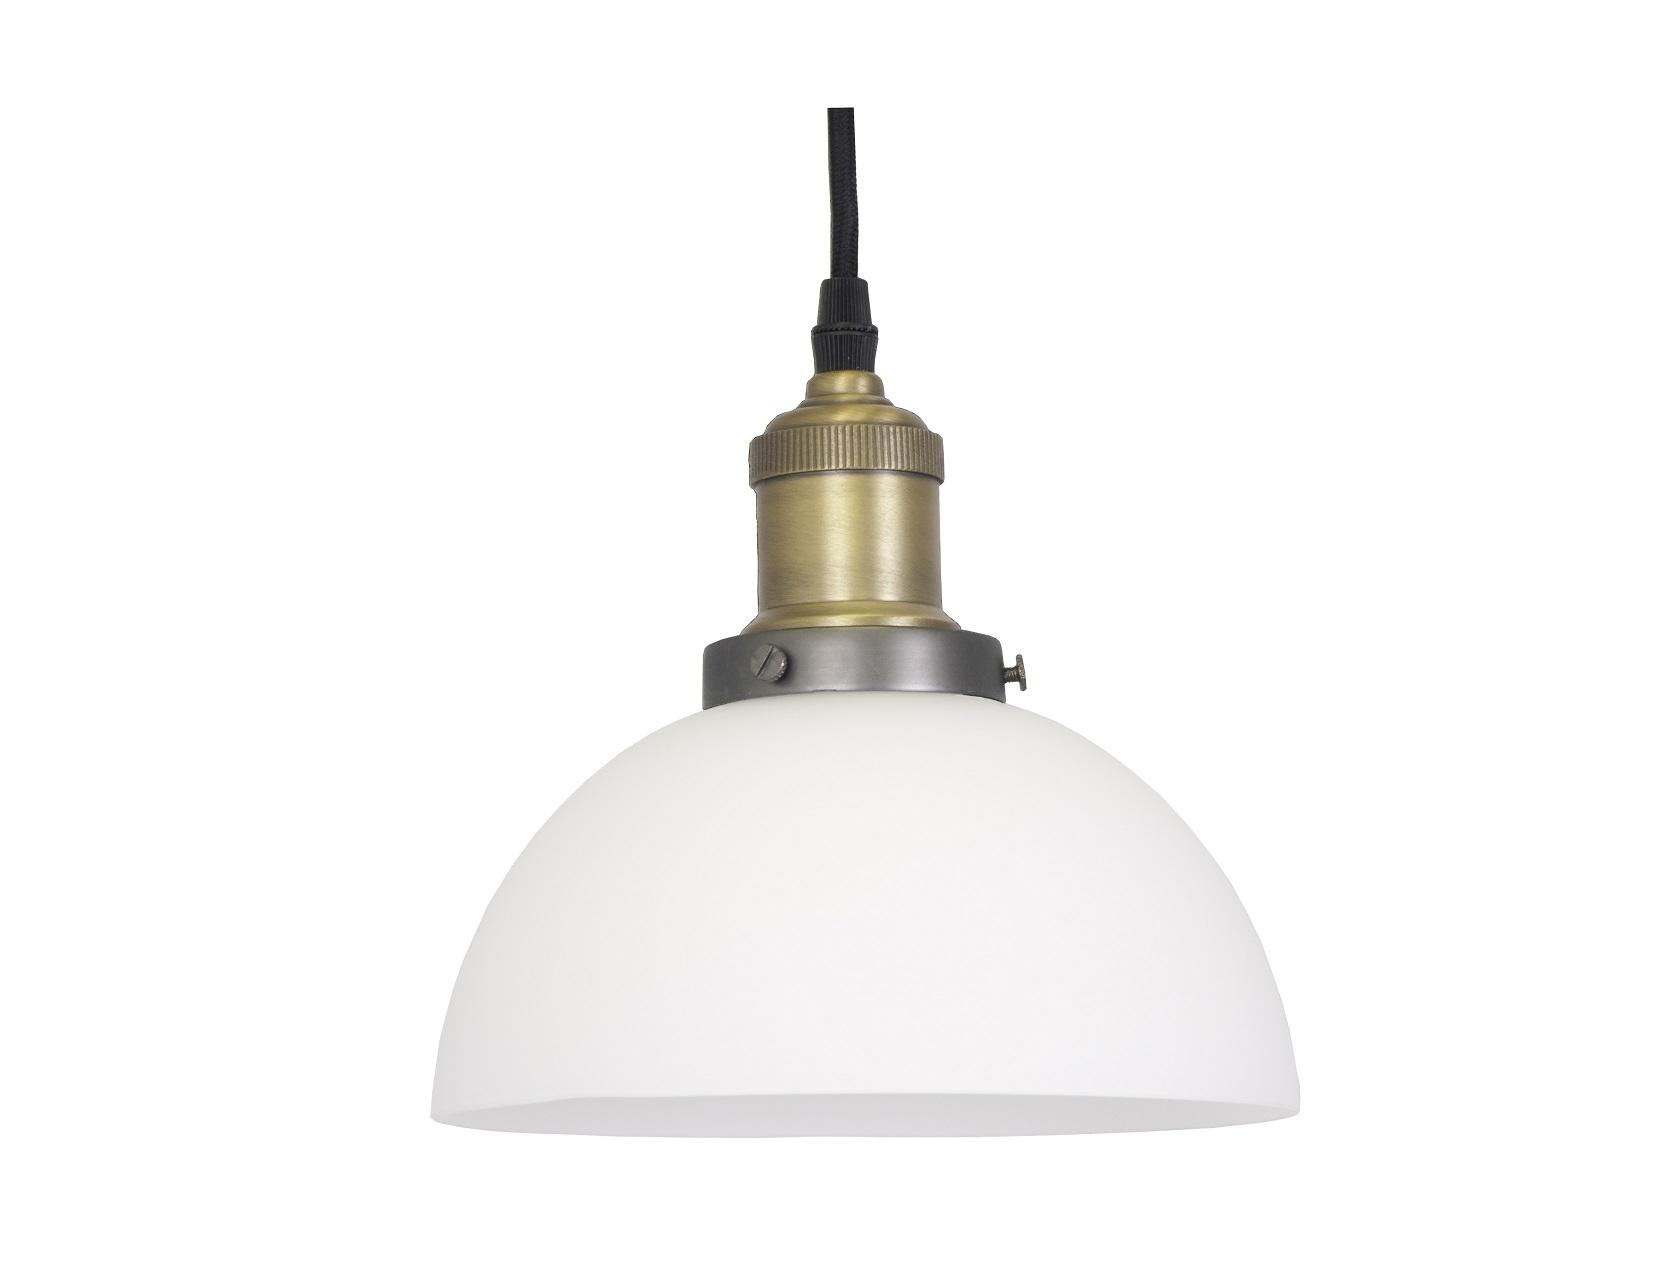 SG64 CaninПодвесные светильники<br>Люстра Canin – подвесная потолочная конструкция из одного плафона, который оформлен в виде колокола белого цвета. Стилистически, люстра Canin подходит как для современных интерьеров, так и для классических.&amp;lt;div&amp;gt;&amp;lt;br&amp;gt;&amp;lt;/div&amp;gt;&amp;lt;div&amp;gt;&amp;lt;div&amp;gt;Количество ламп: 1.&amp;lt;/div&amp;gt;&amp;lt;div&amp;gt;Тип цоколя: Е27.&amp;lt;/div&amp;gt;&amp;lt;/div&amp;gt;&amp;lt;div&amp;gt;Мощность: 40W.&amp;lt;br&amp;gt;&amp;lt;/div&amp;gt;&amp;lt;div&amp;gt;&amp;lt;br&amp;gt;&amp;lt;/div&amp;gt;<br><br>Material: Стекло<br>Высота см: 15